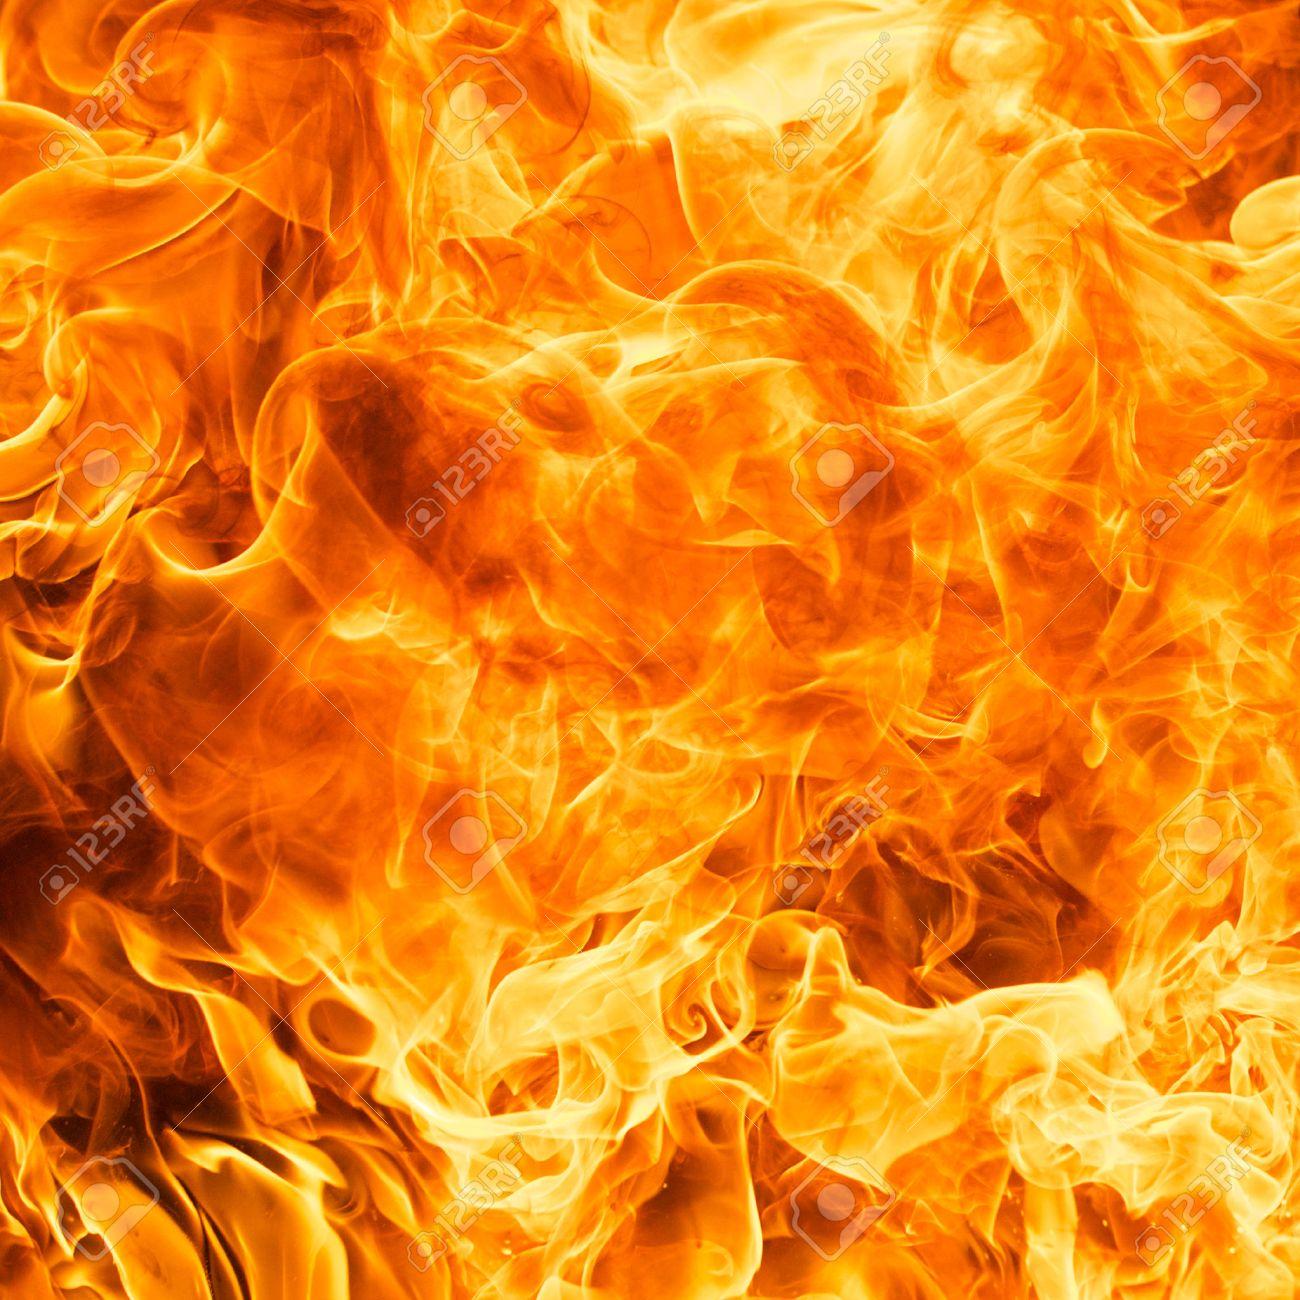 炎火の炎のテクスチャ背景 の写真素材・画像素材 Image 41972309.